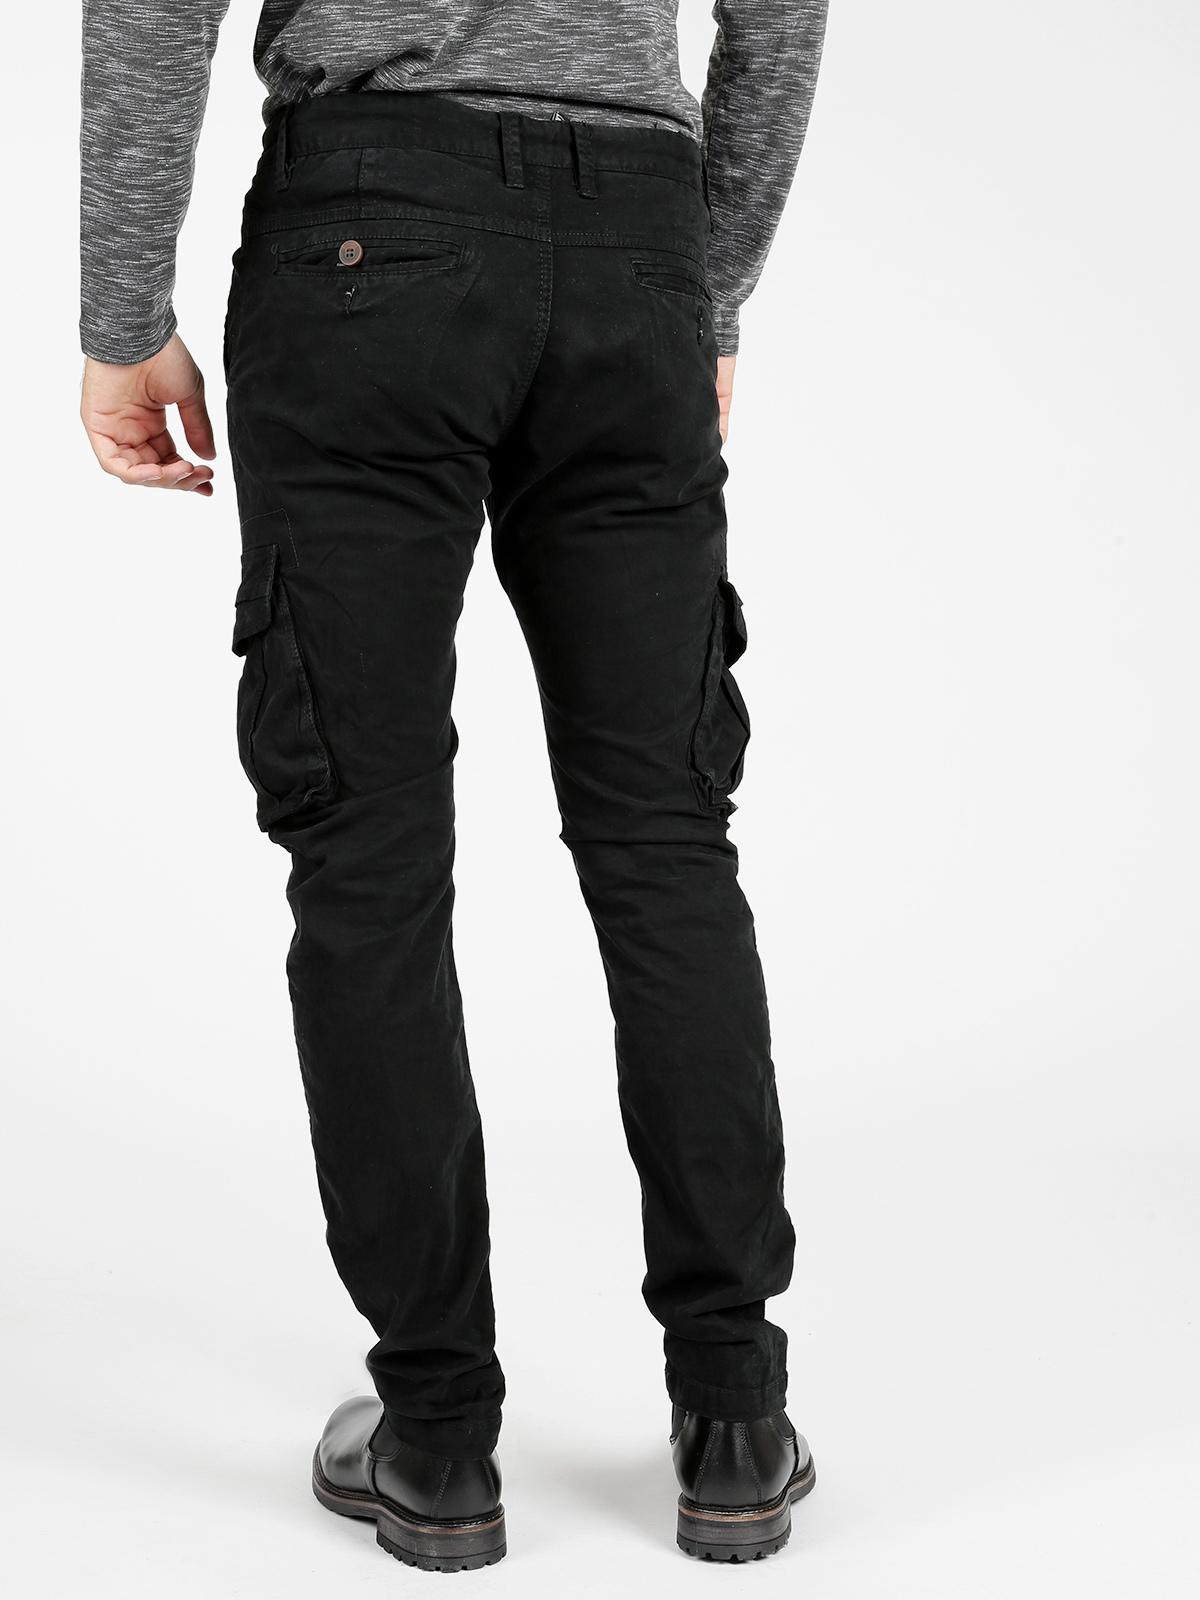 Rebel Blu Pantaloni Pantaloni Uomo Uomo Just Just Rebel 5Rj4AL3